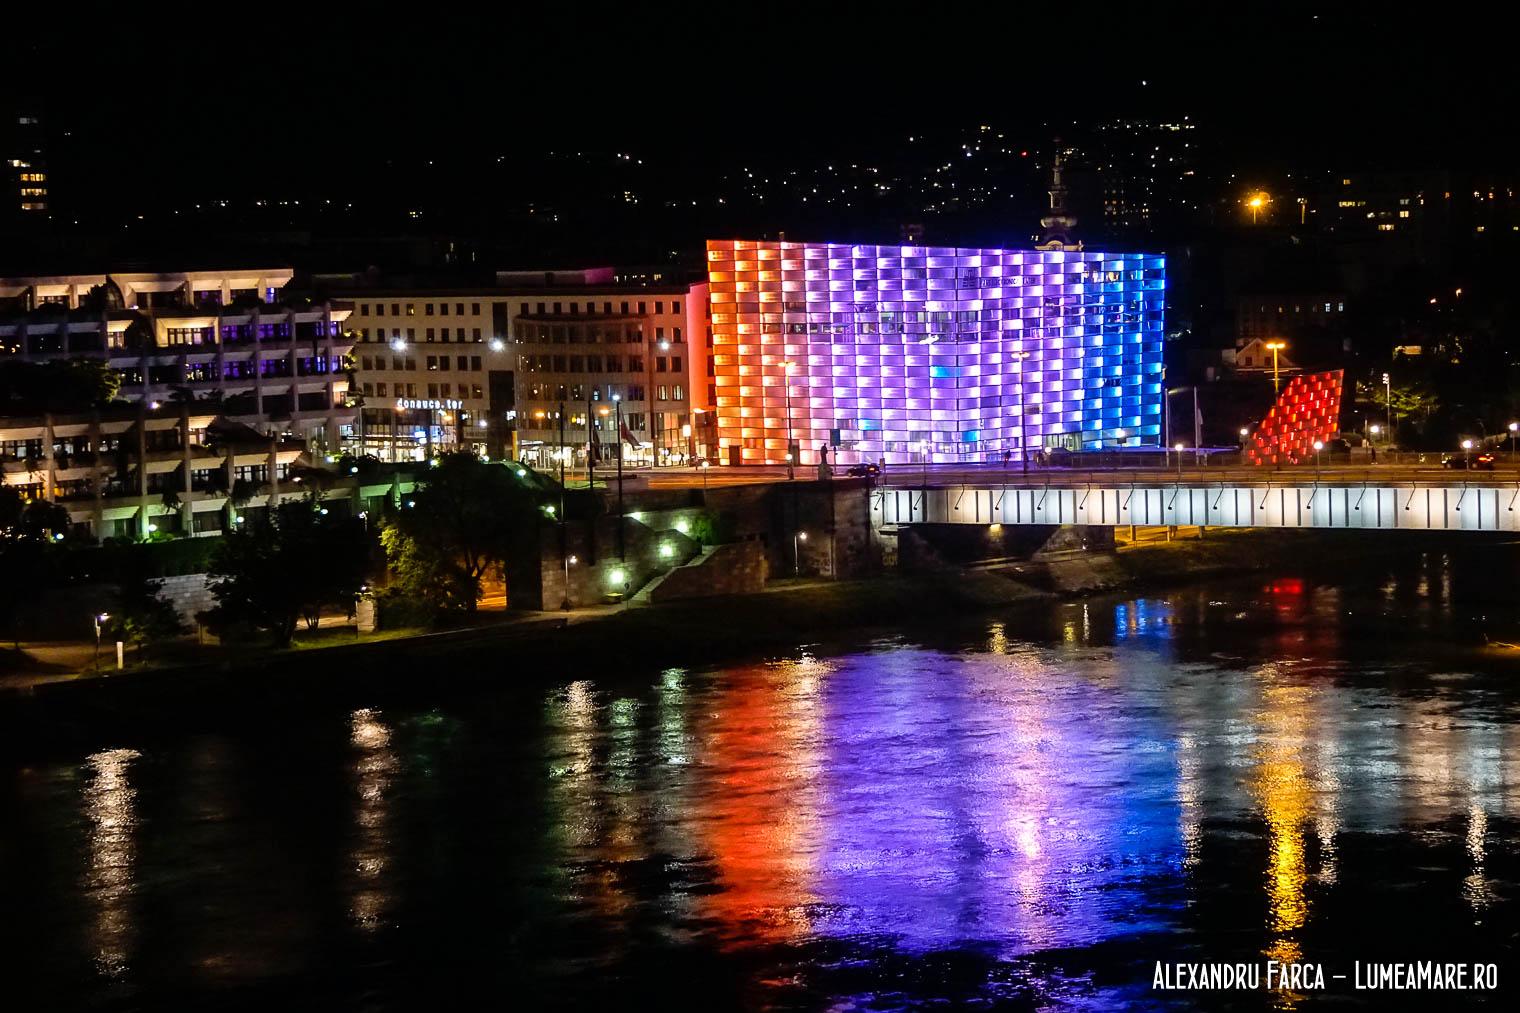 Ars Electronica noaptea, în Linz